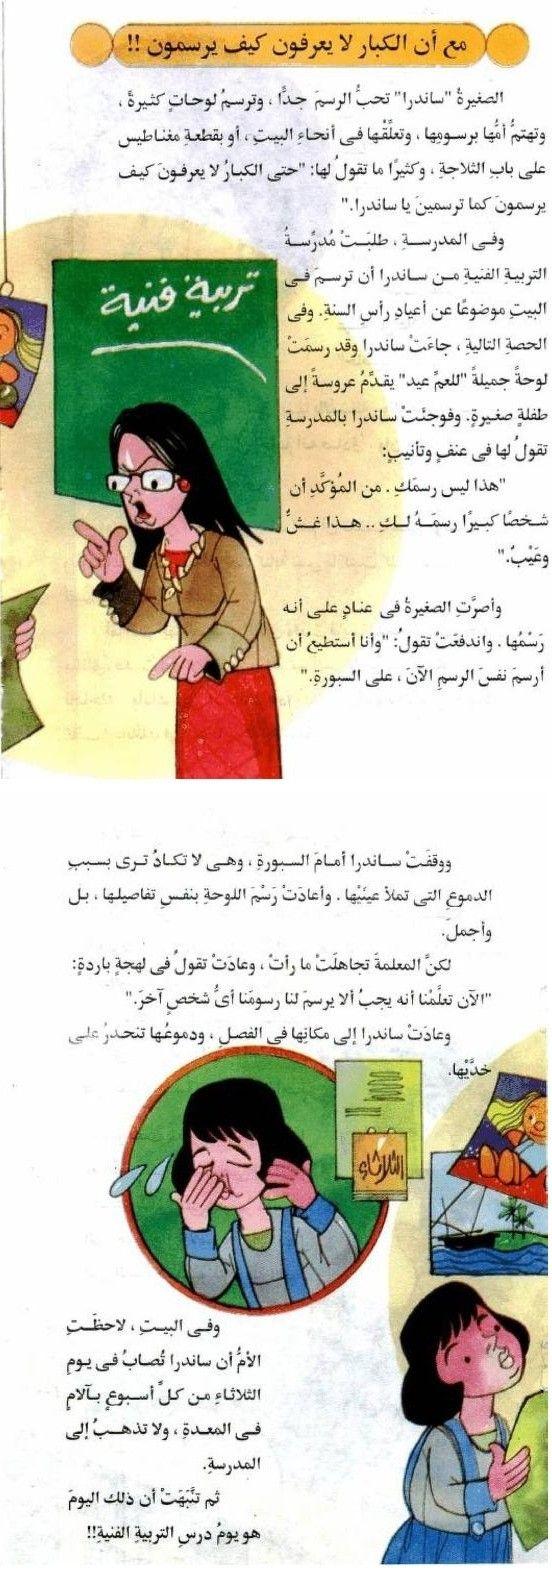 المطالعة المبهجة زهرات من الوادي الخصيب و بقايا الورقات الخضر في الشجرة الجرداء Stories